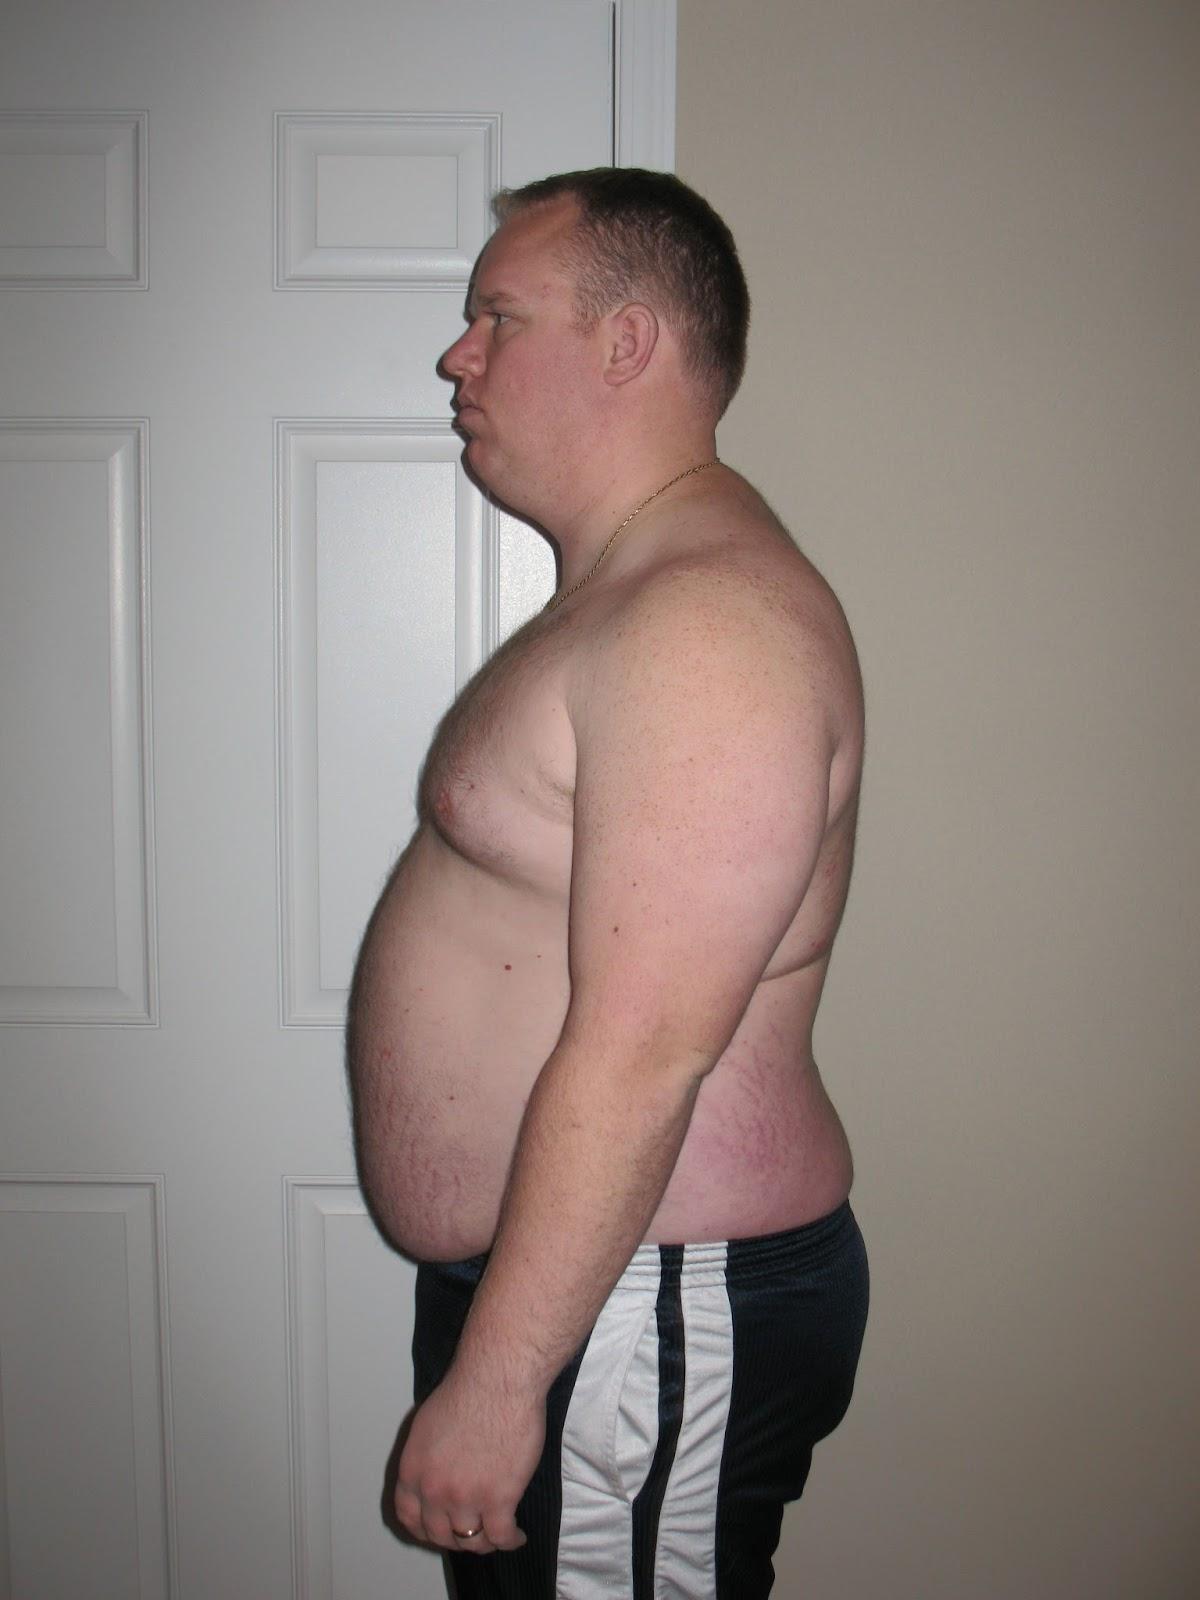 Fat Side 74